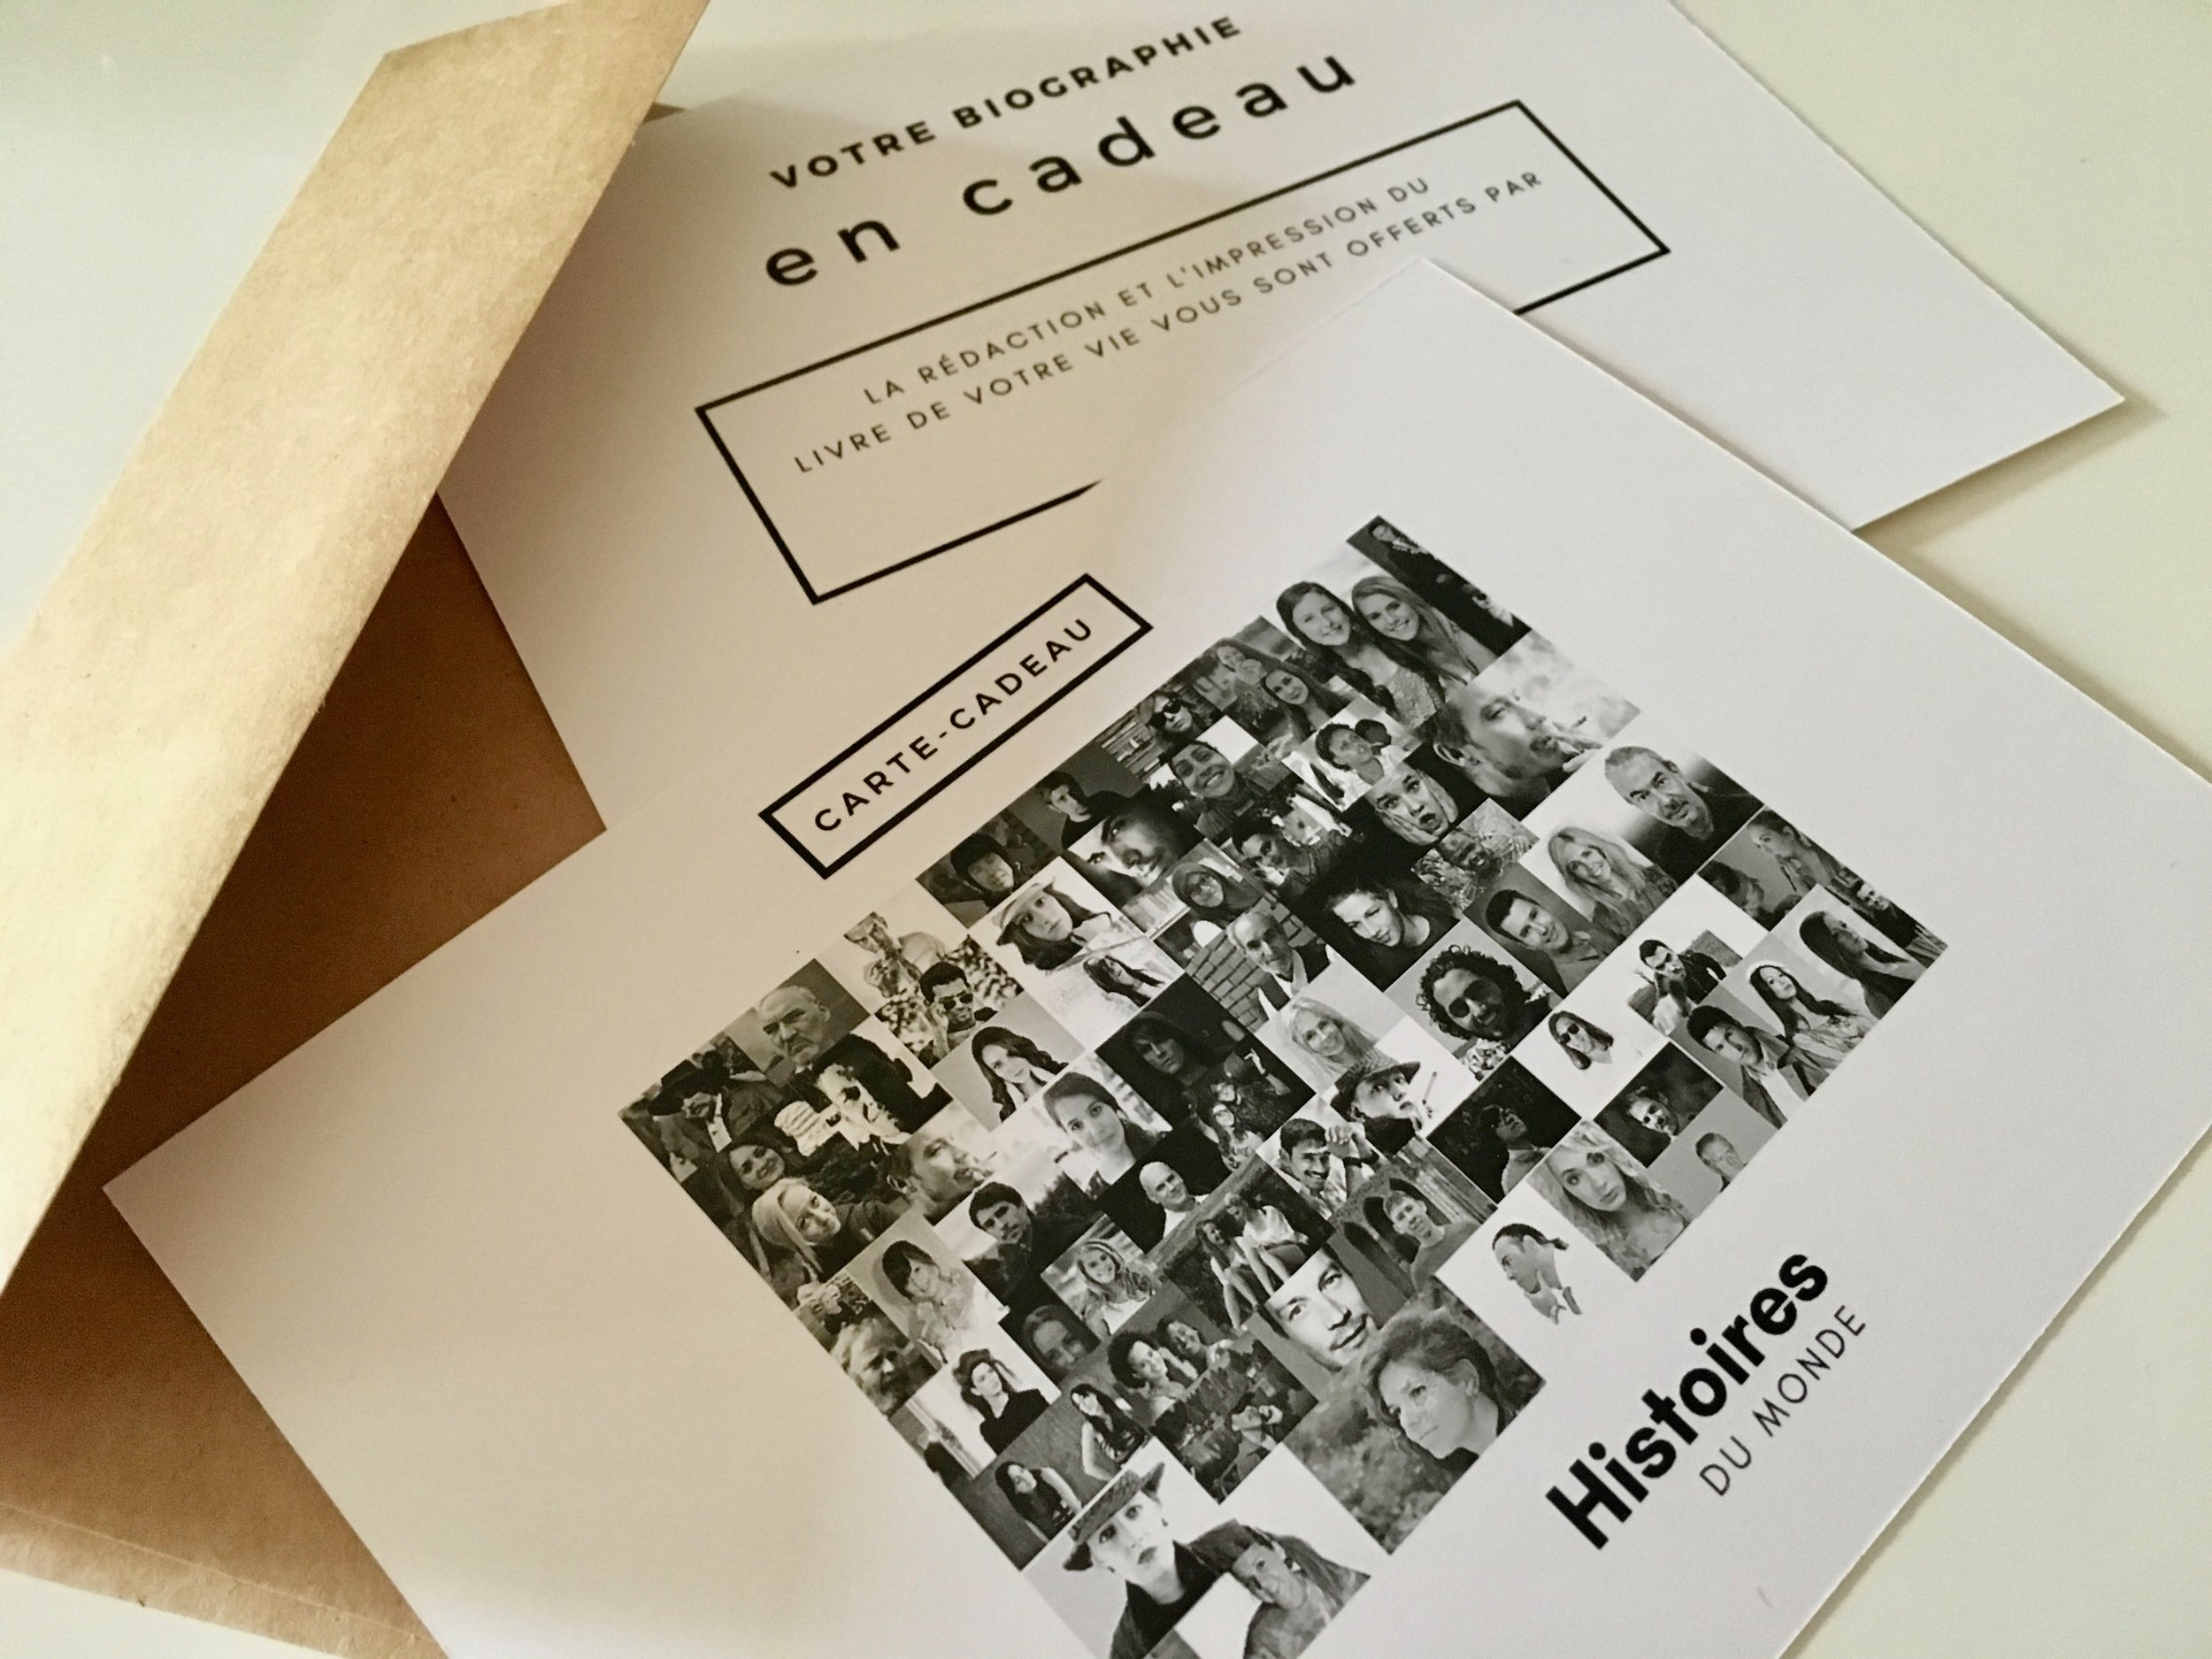 Cartes-cadeaux disponibles - Offrez la rédaction et l'impression d'une biographie en cadeau